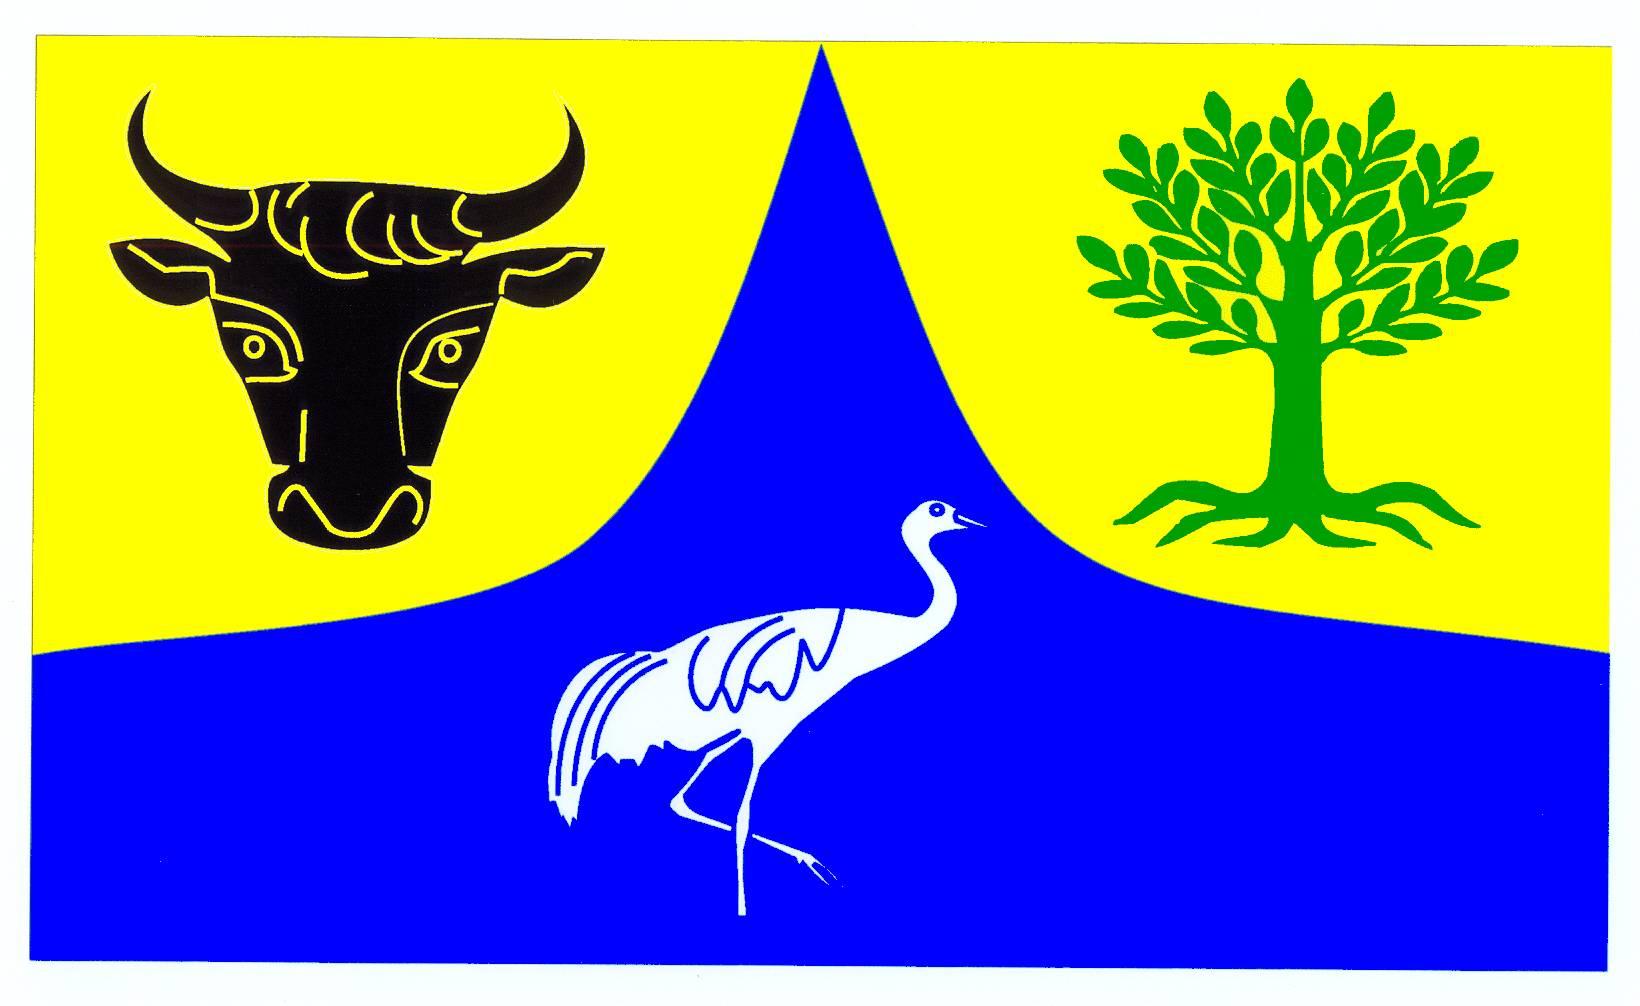 Flagge GemeindeHorst, Kreis Herzogtum Lauenburg